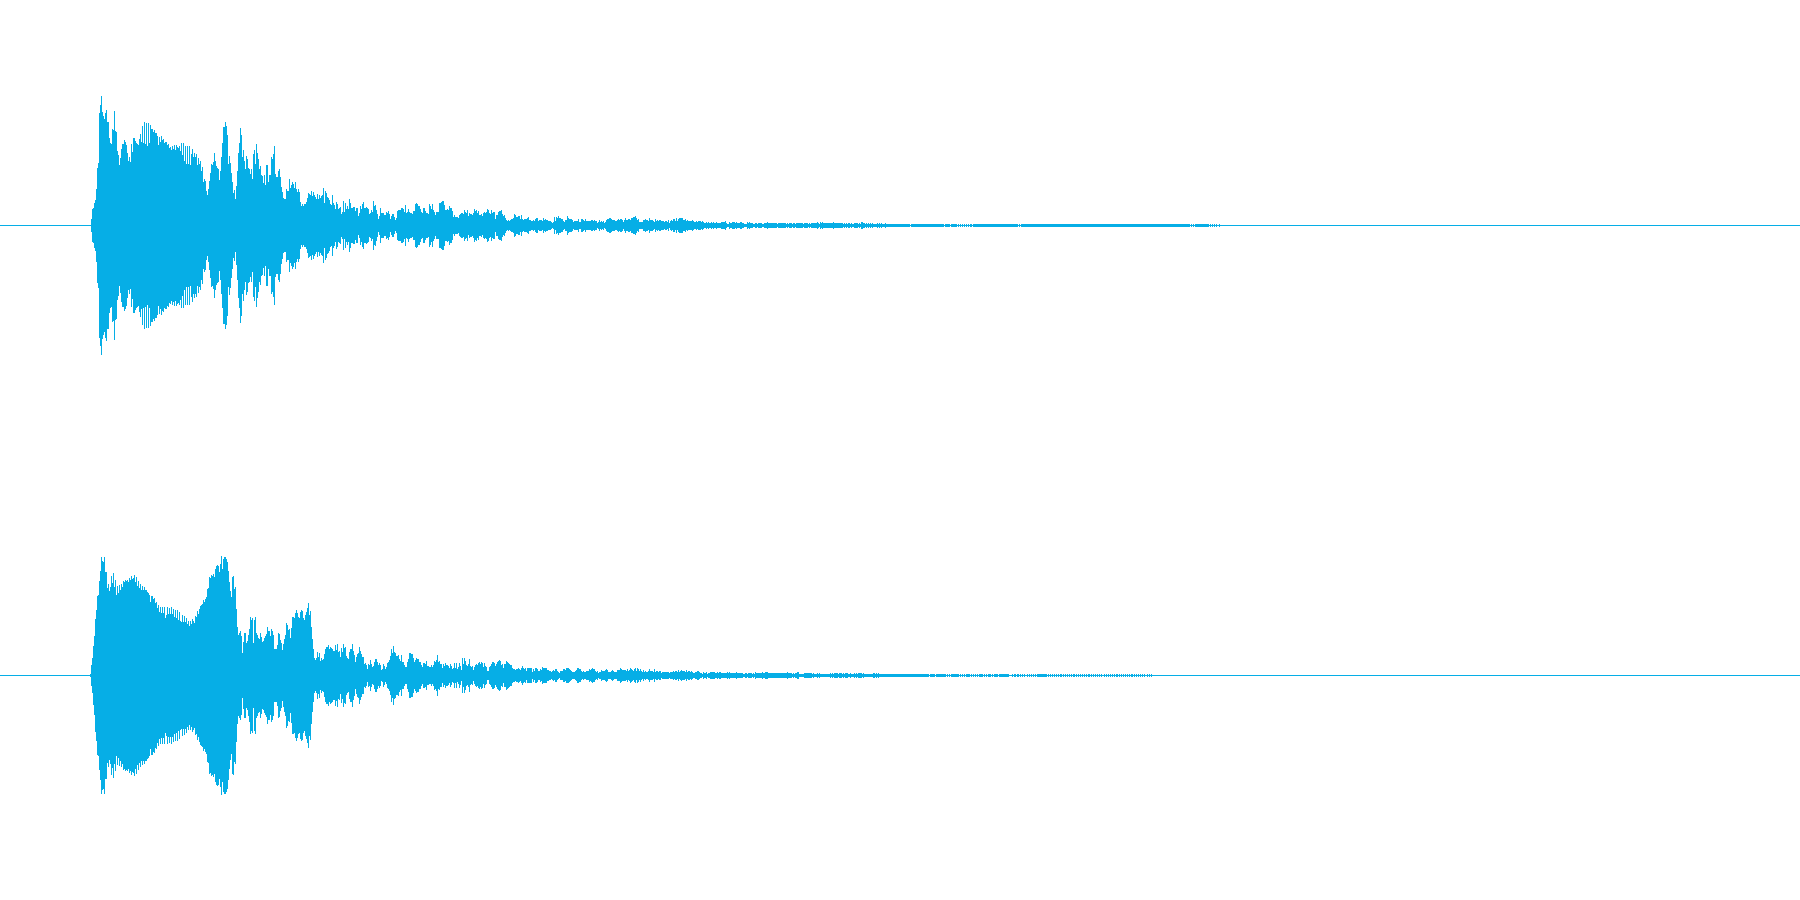 「ポワポワポワワーン」混乱 ミス スカの再生済みの波形